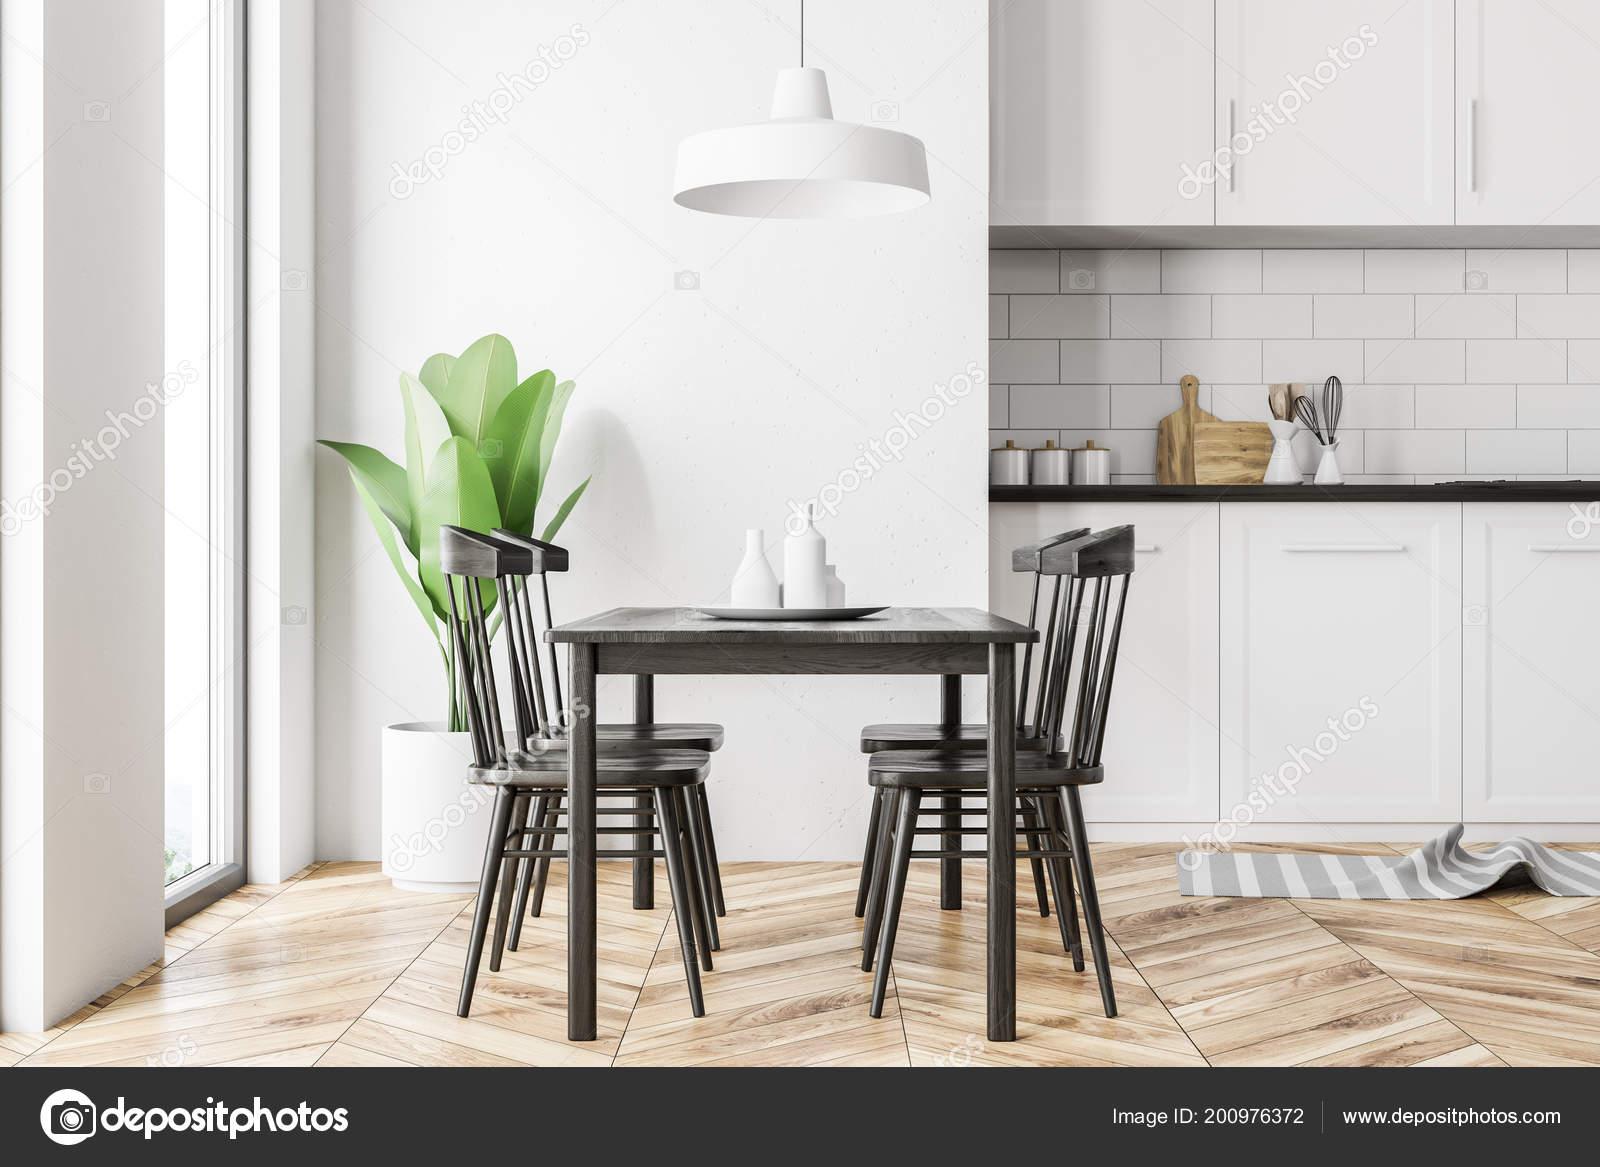 Keuken Interieur Scandinavisch : Witte scandinavische stijl keuken interieur met witte muren een